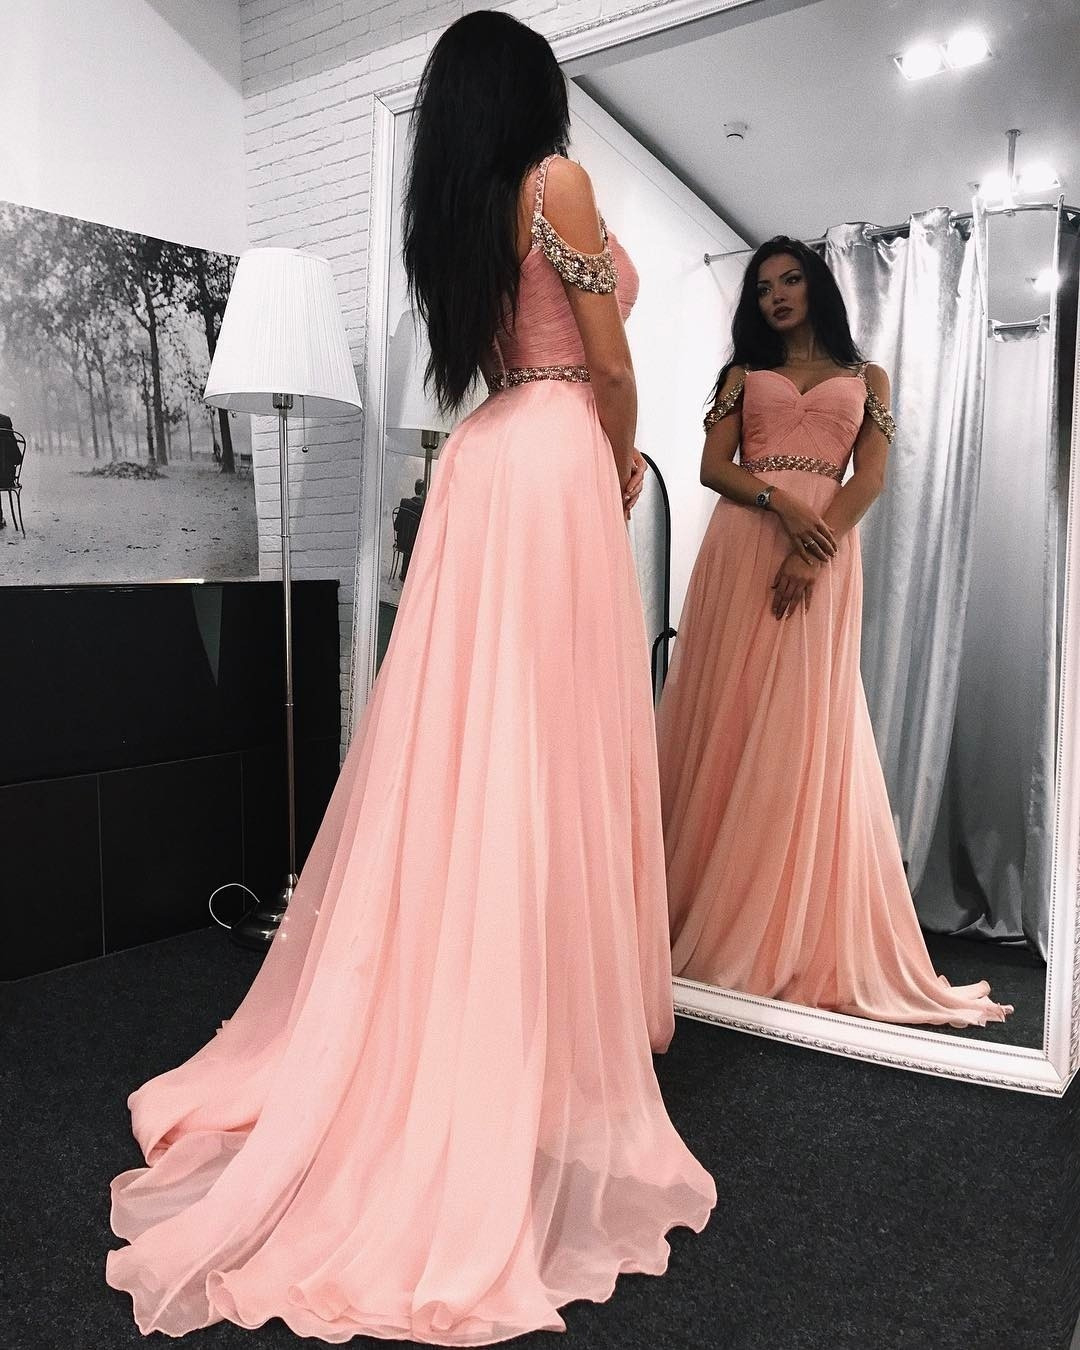 15 Schön Abendkleider Mit Glitzer Spezialgebiet Wunderbar Abendkleider Mit Glitzer Stylish